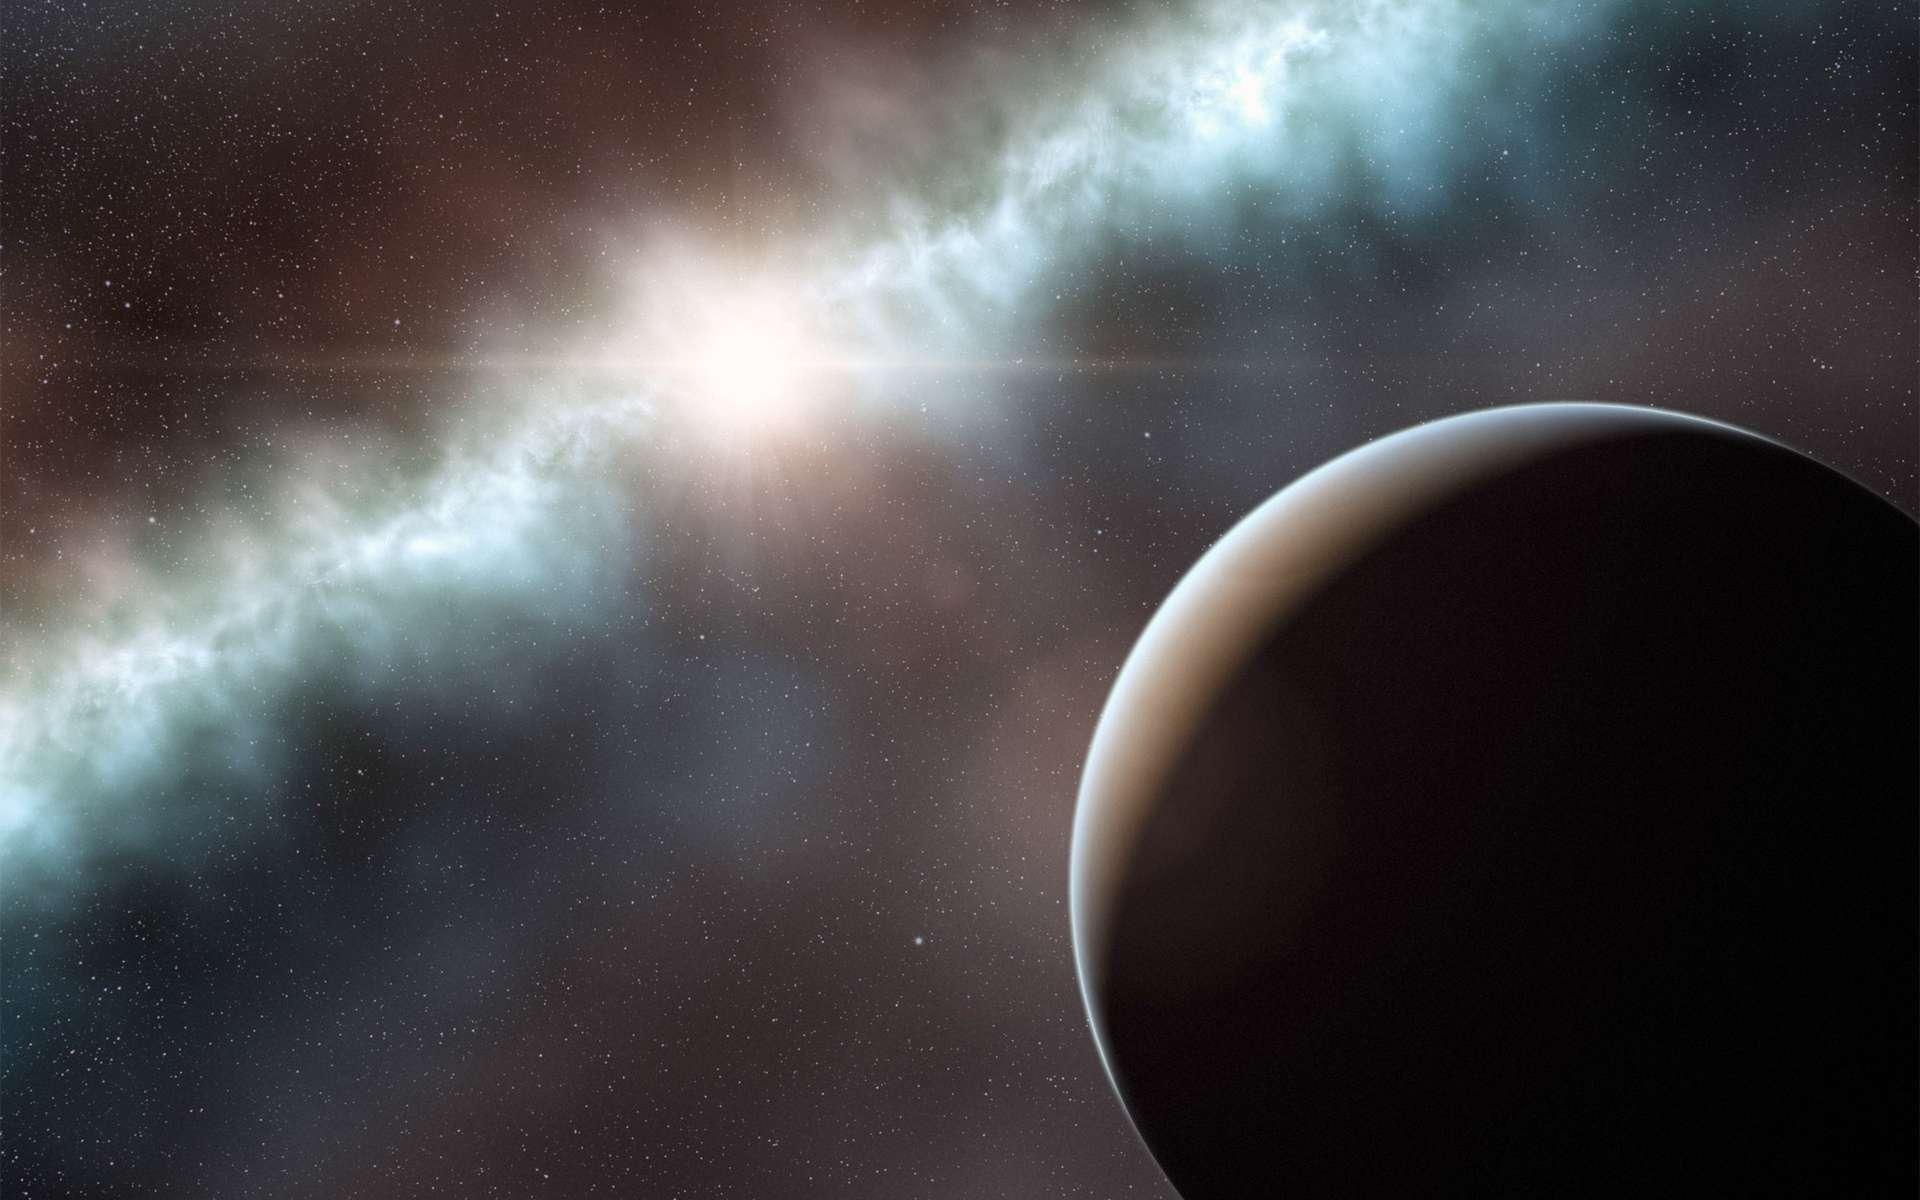 Des astronomes vont utiliser un radiotélescope de plus de 100 mètres pour écouter 86 planètes susceptibles d'offrir des conditions favorables à la vie. © ESO/L. Calçada